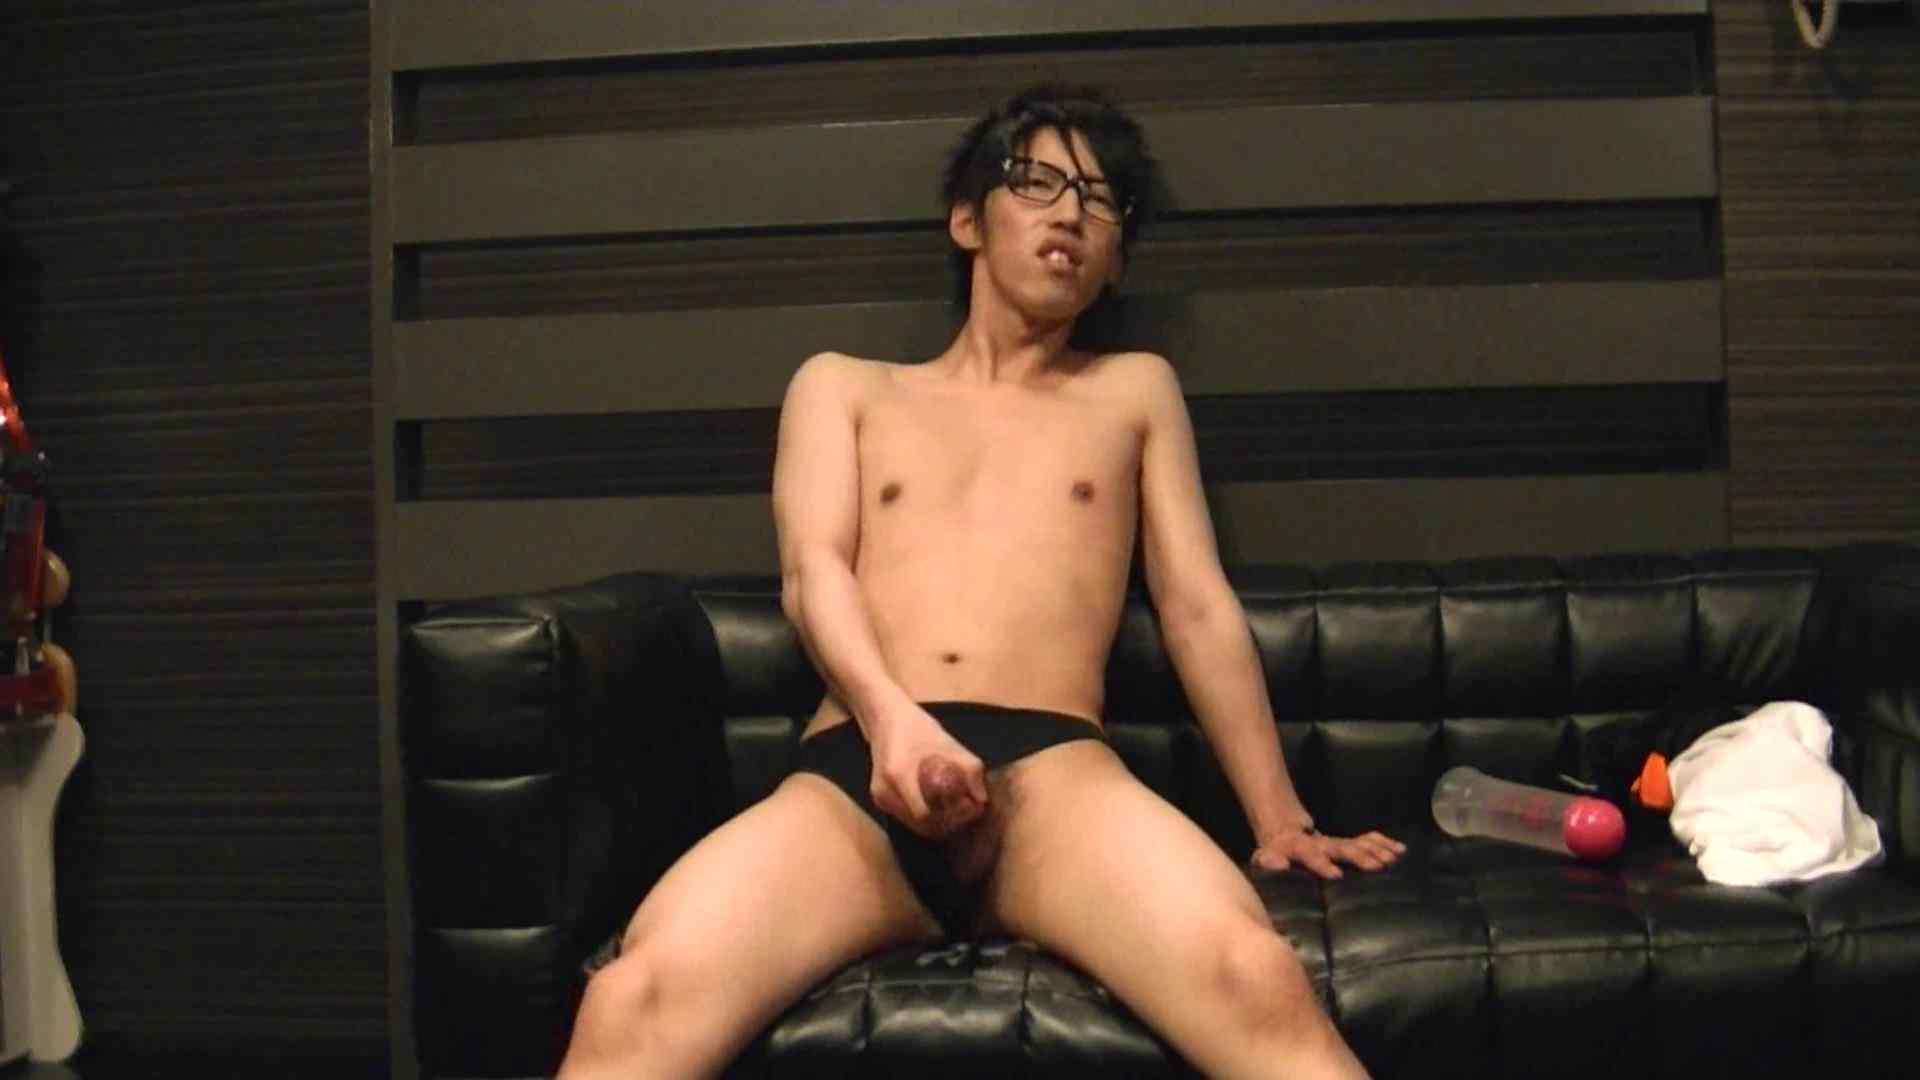 ONA見せカーニバル!! Vol3 男の世界  98画像 18